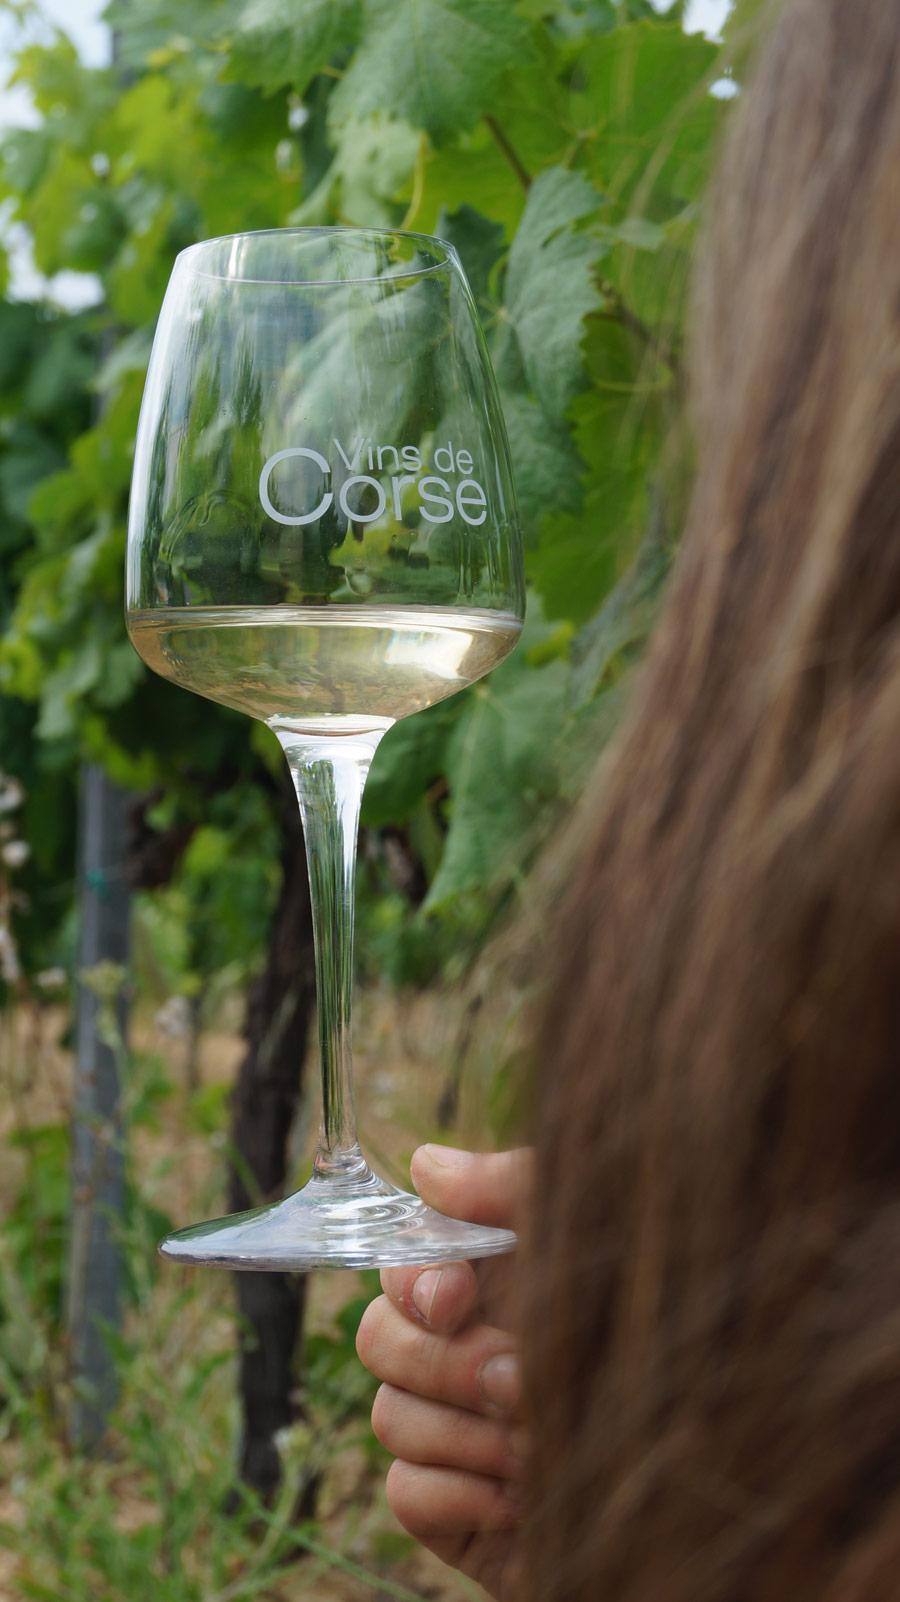 Les vins en Corse : une longue histoire.